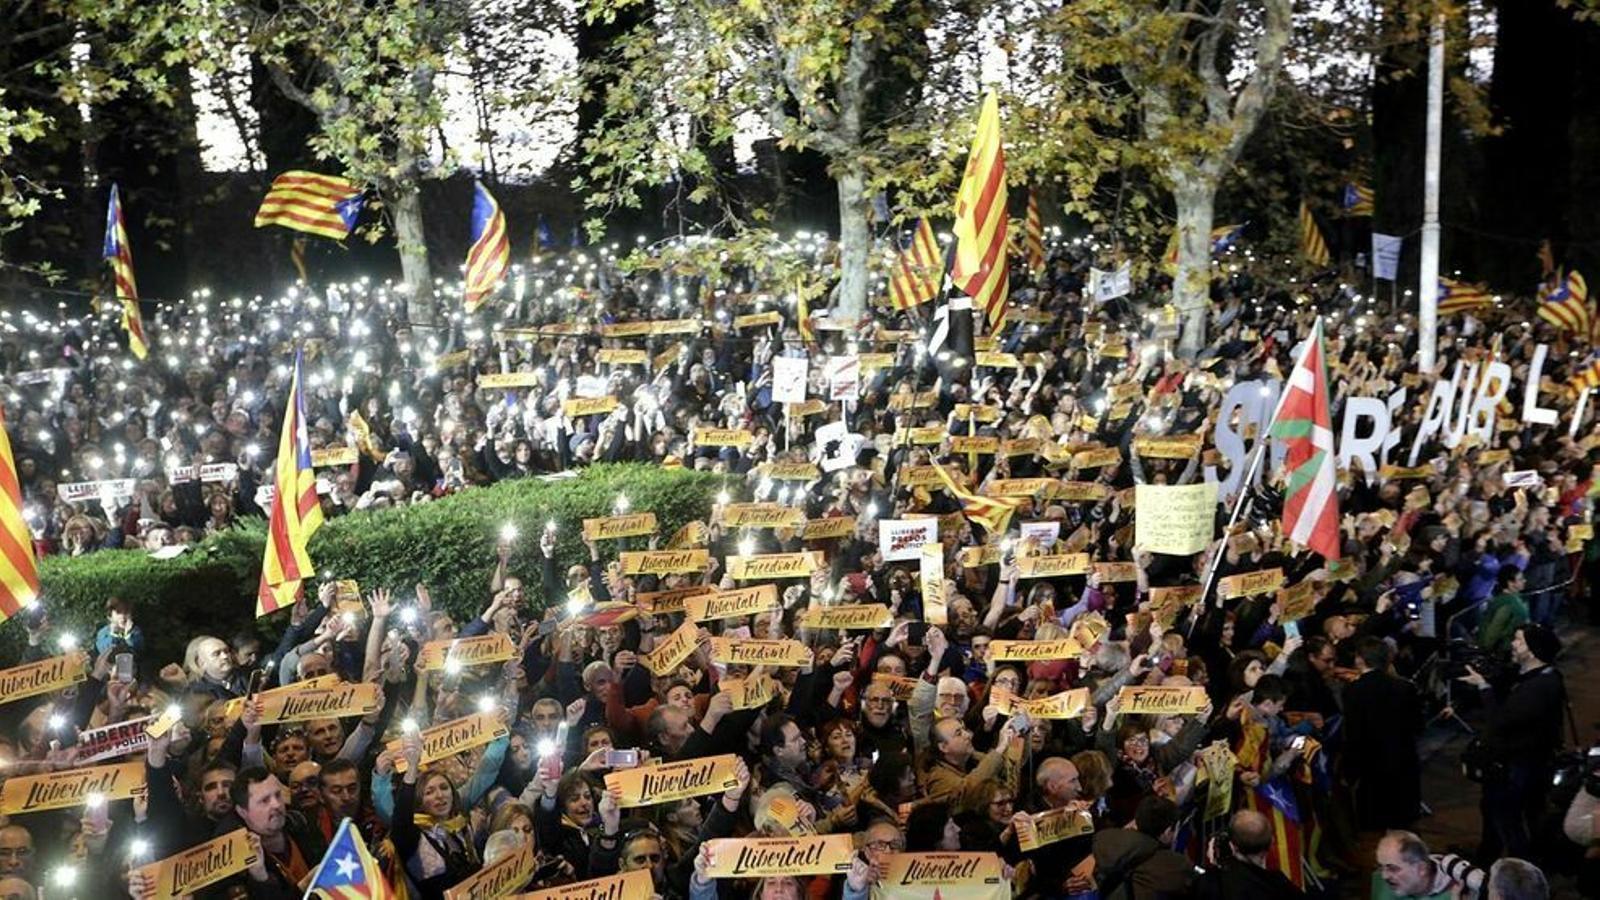 Un altre 11 històric per reivindicar la llibertat dels presos polítics